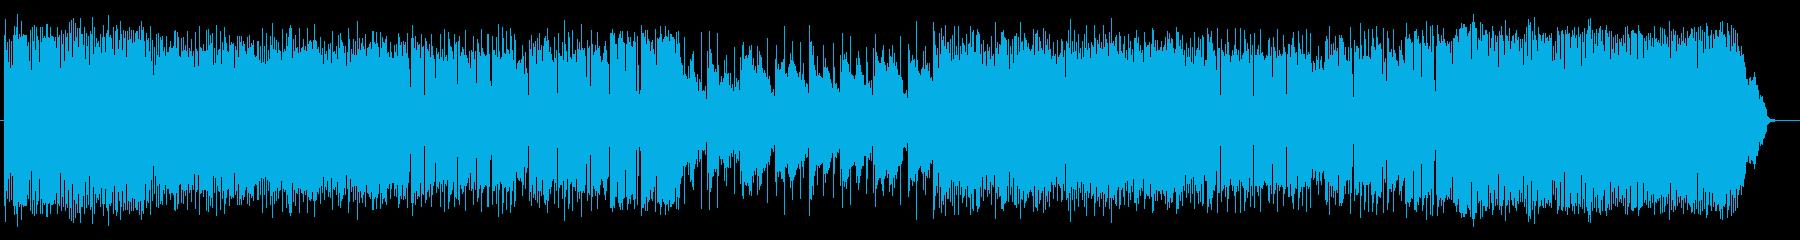 爽やかでエレクトーンが印象的なポップスの再生済みの波形